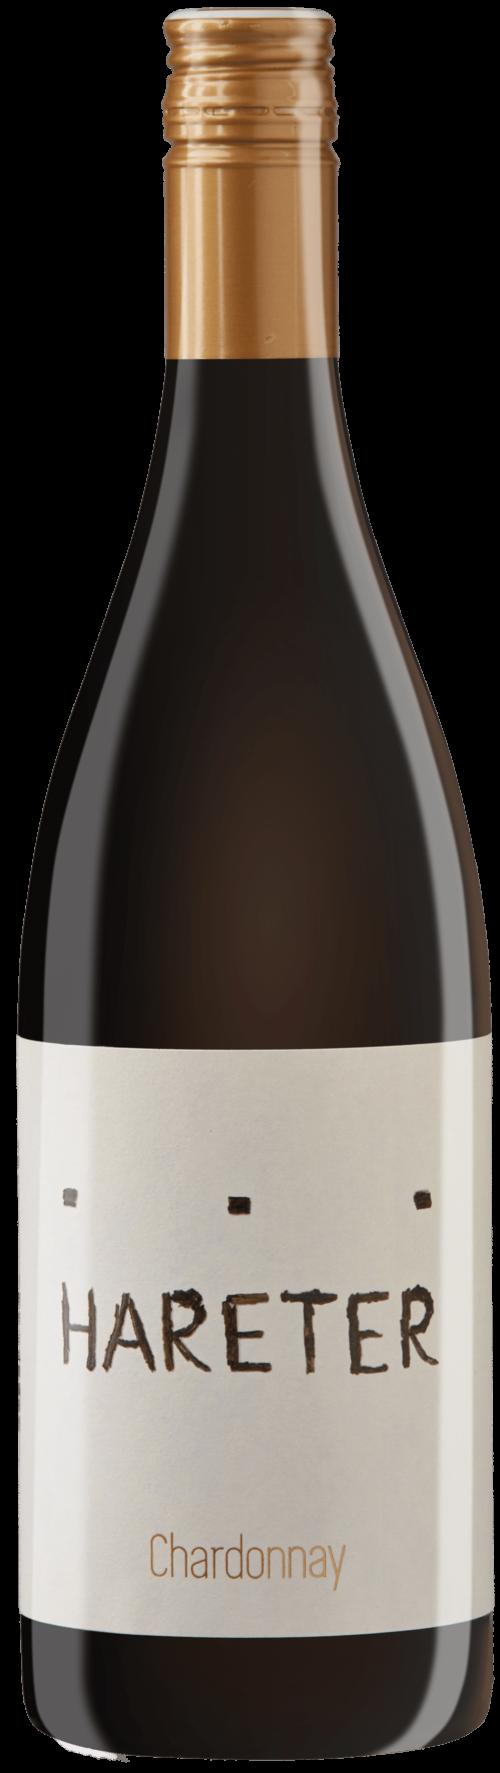 Hareter - Chardonnay Kranawitzl - Naturwein - Burgenland